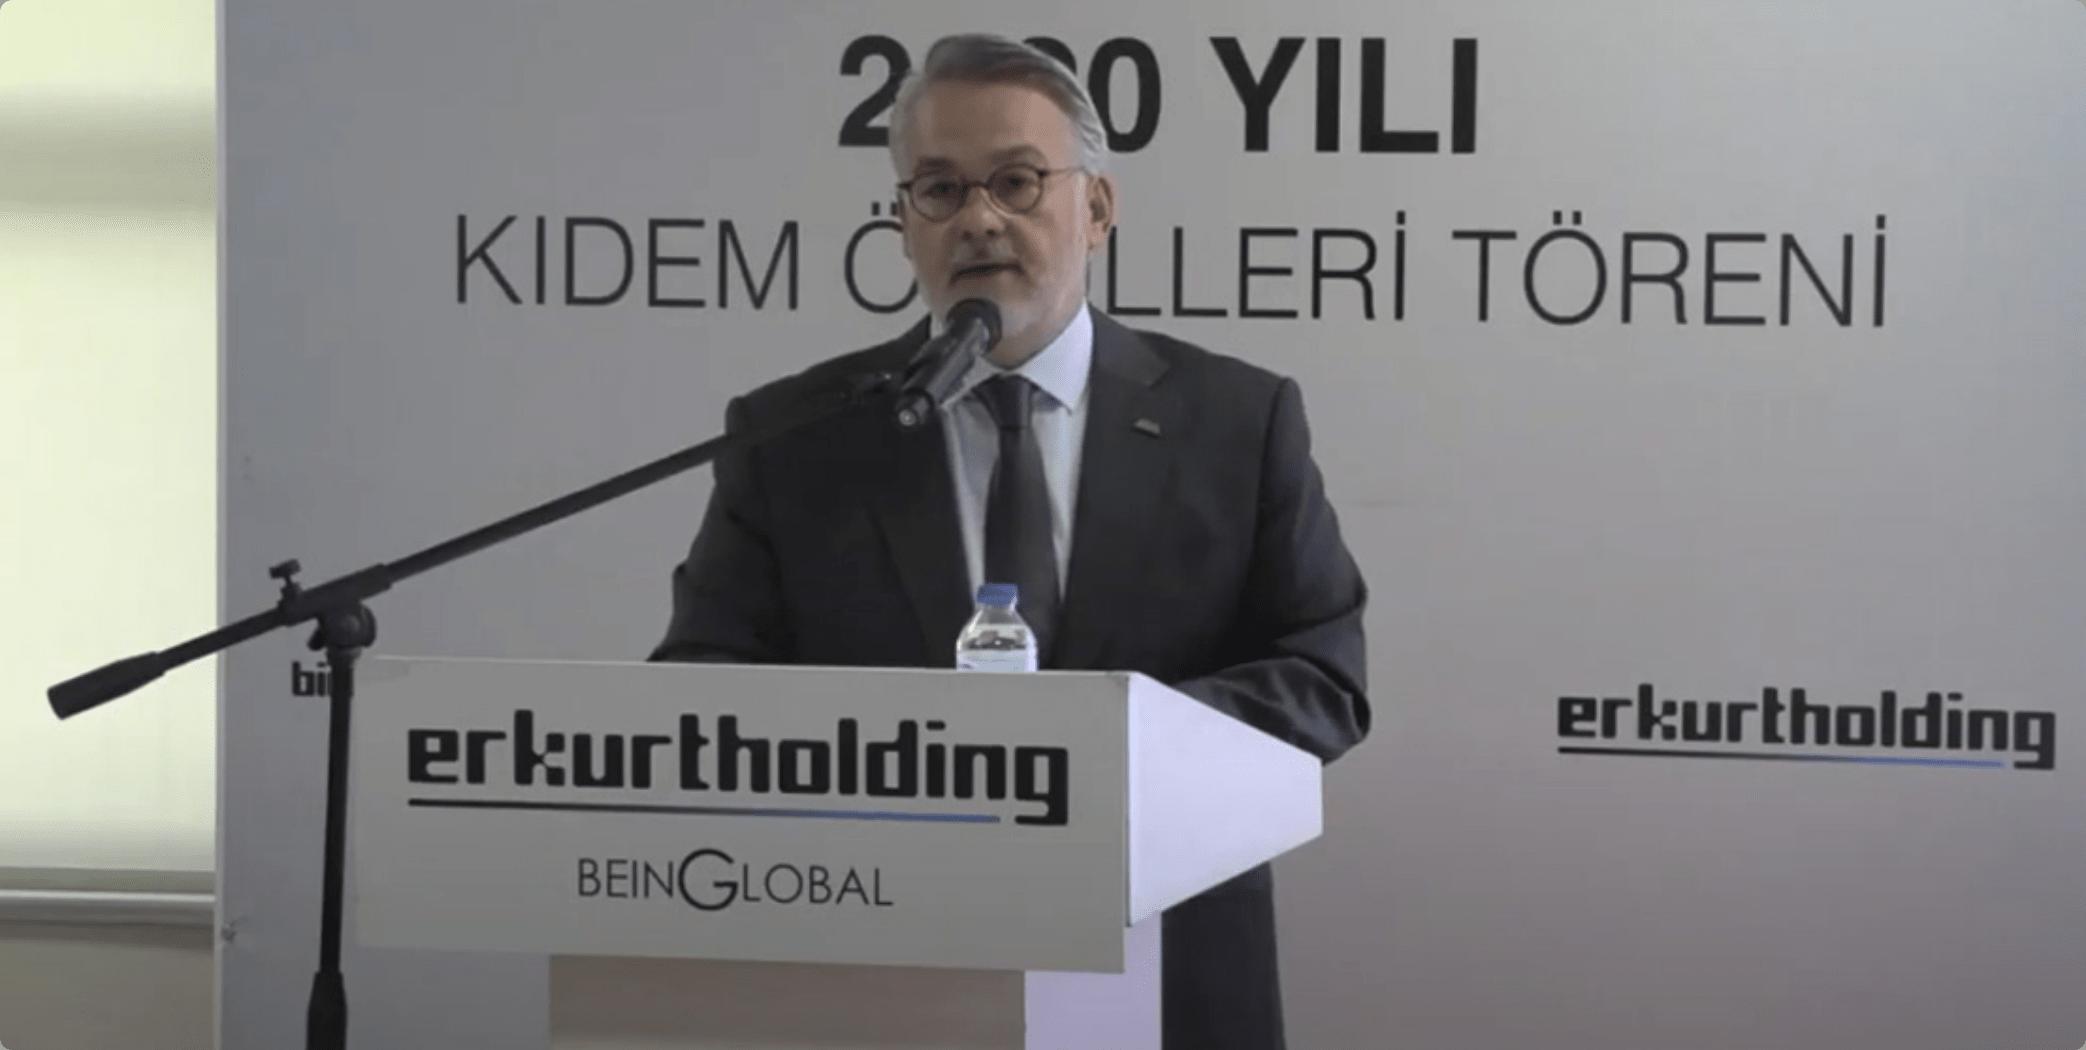 Erkurt Holding'in 2020 Yılı Kıdem Ödülleri Töreni